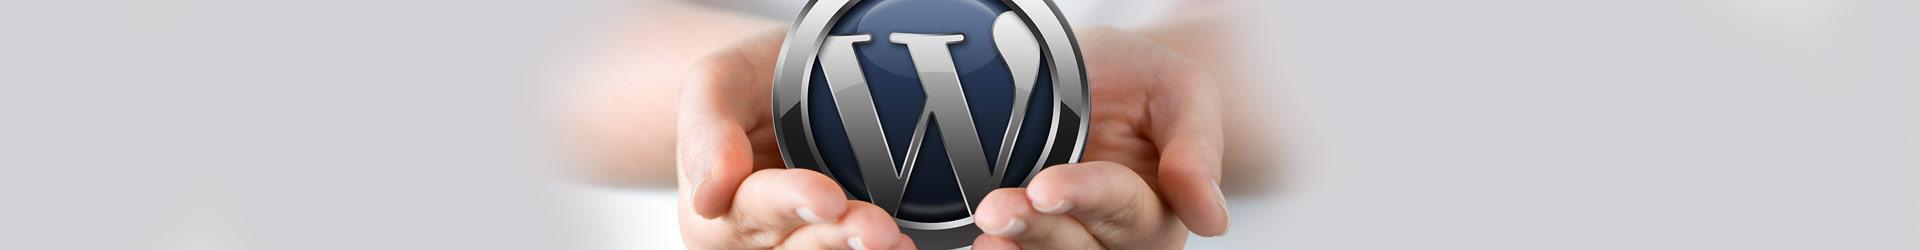 expertos en diseño web en wordpress